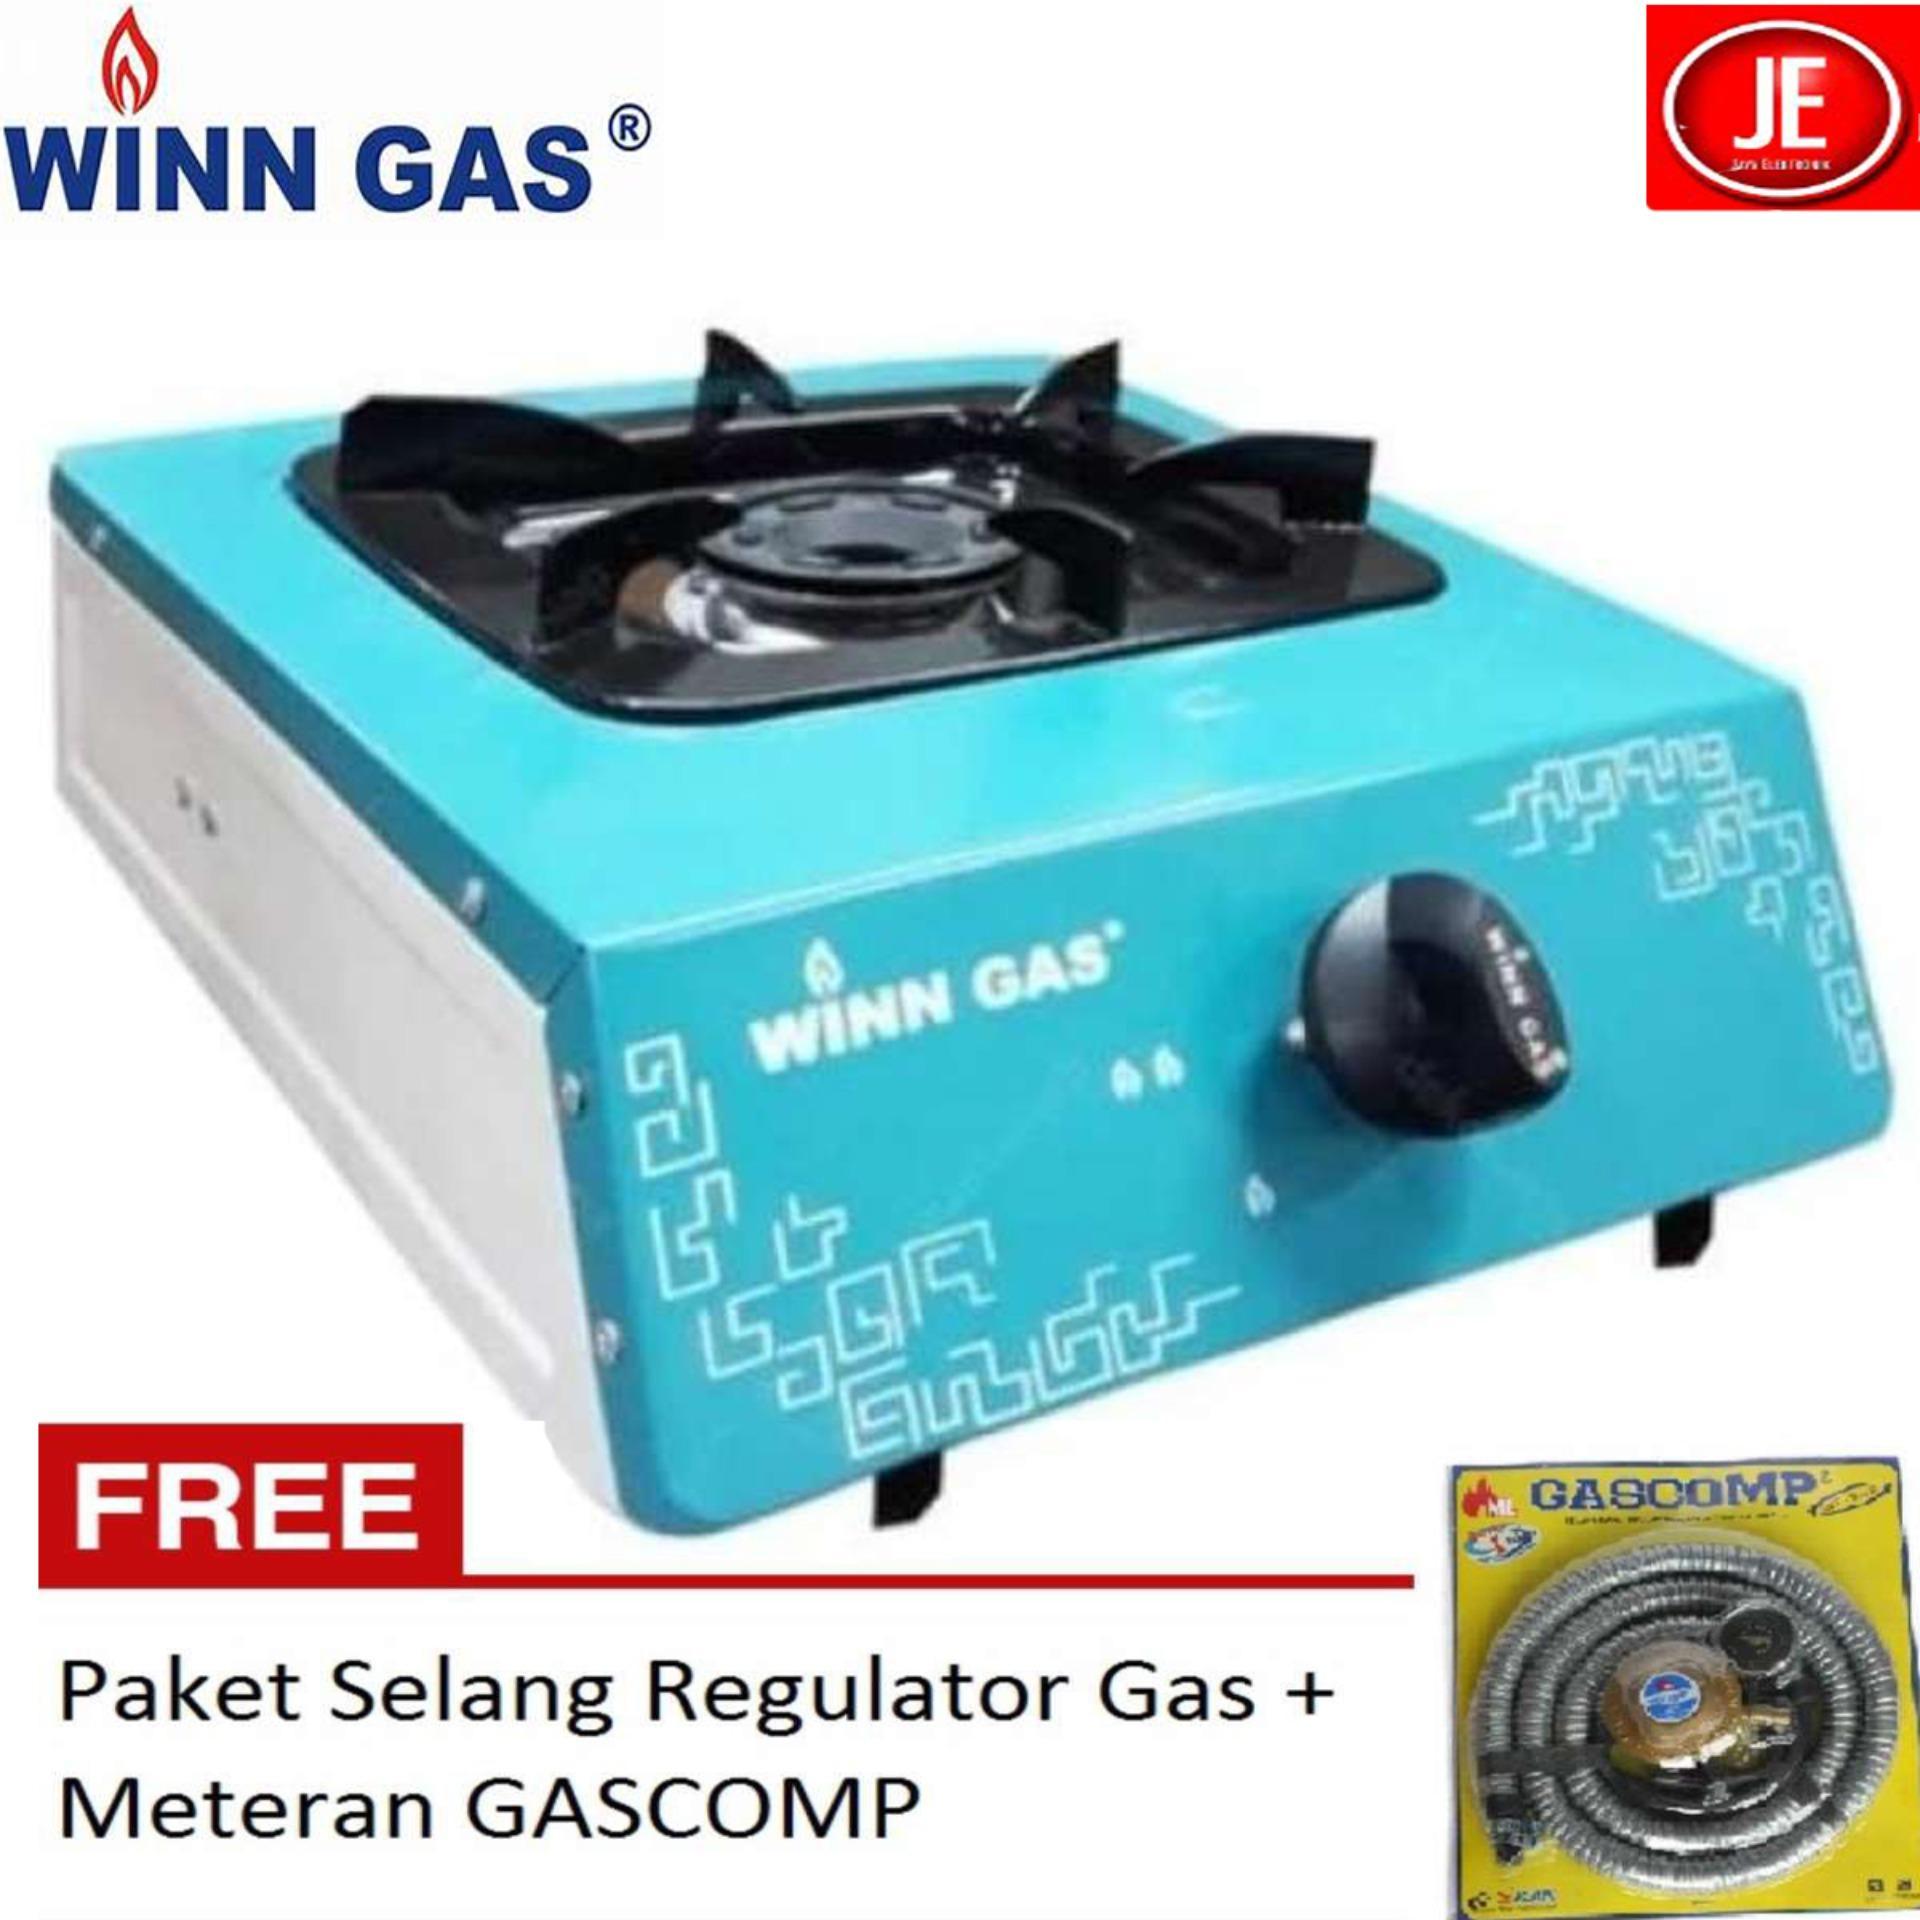 WINN GAS Kompor Gas Stainless 1 Tungku W-188 FREE Paket Selang Regulator GAS COMP